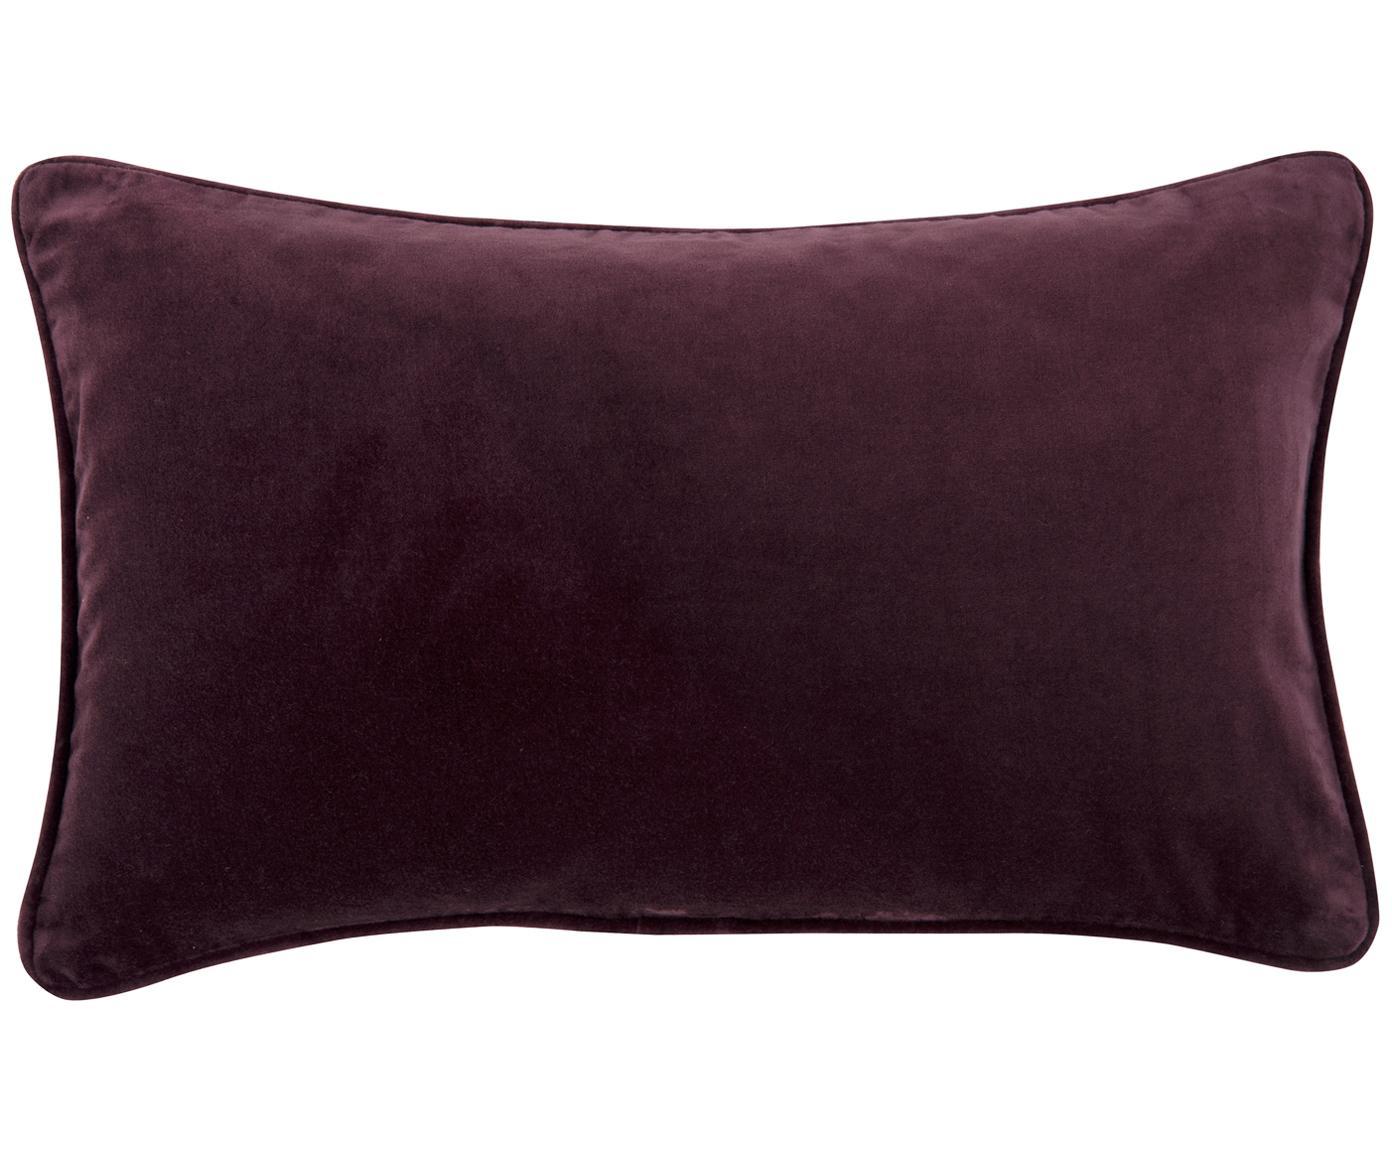 Federa arredo in velluto Dana, 100% velluto di cotone, Melanzana, Larg. 30 x Lung. 50 cm